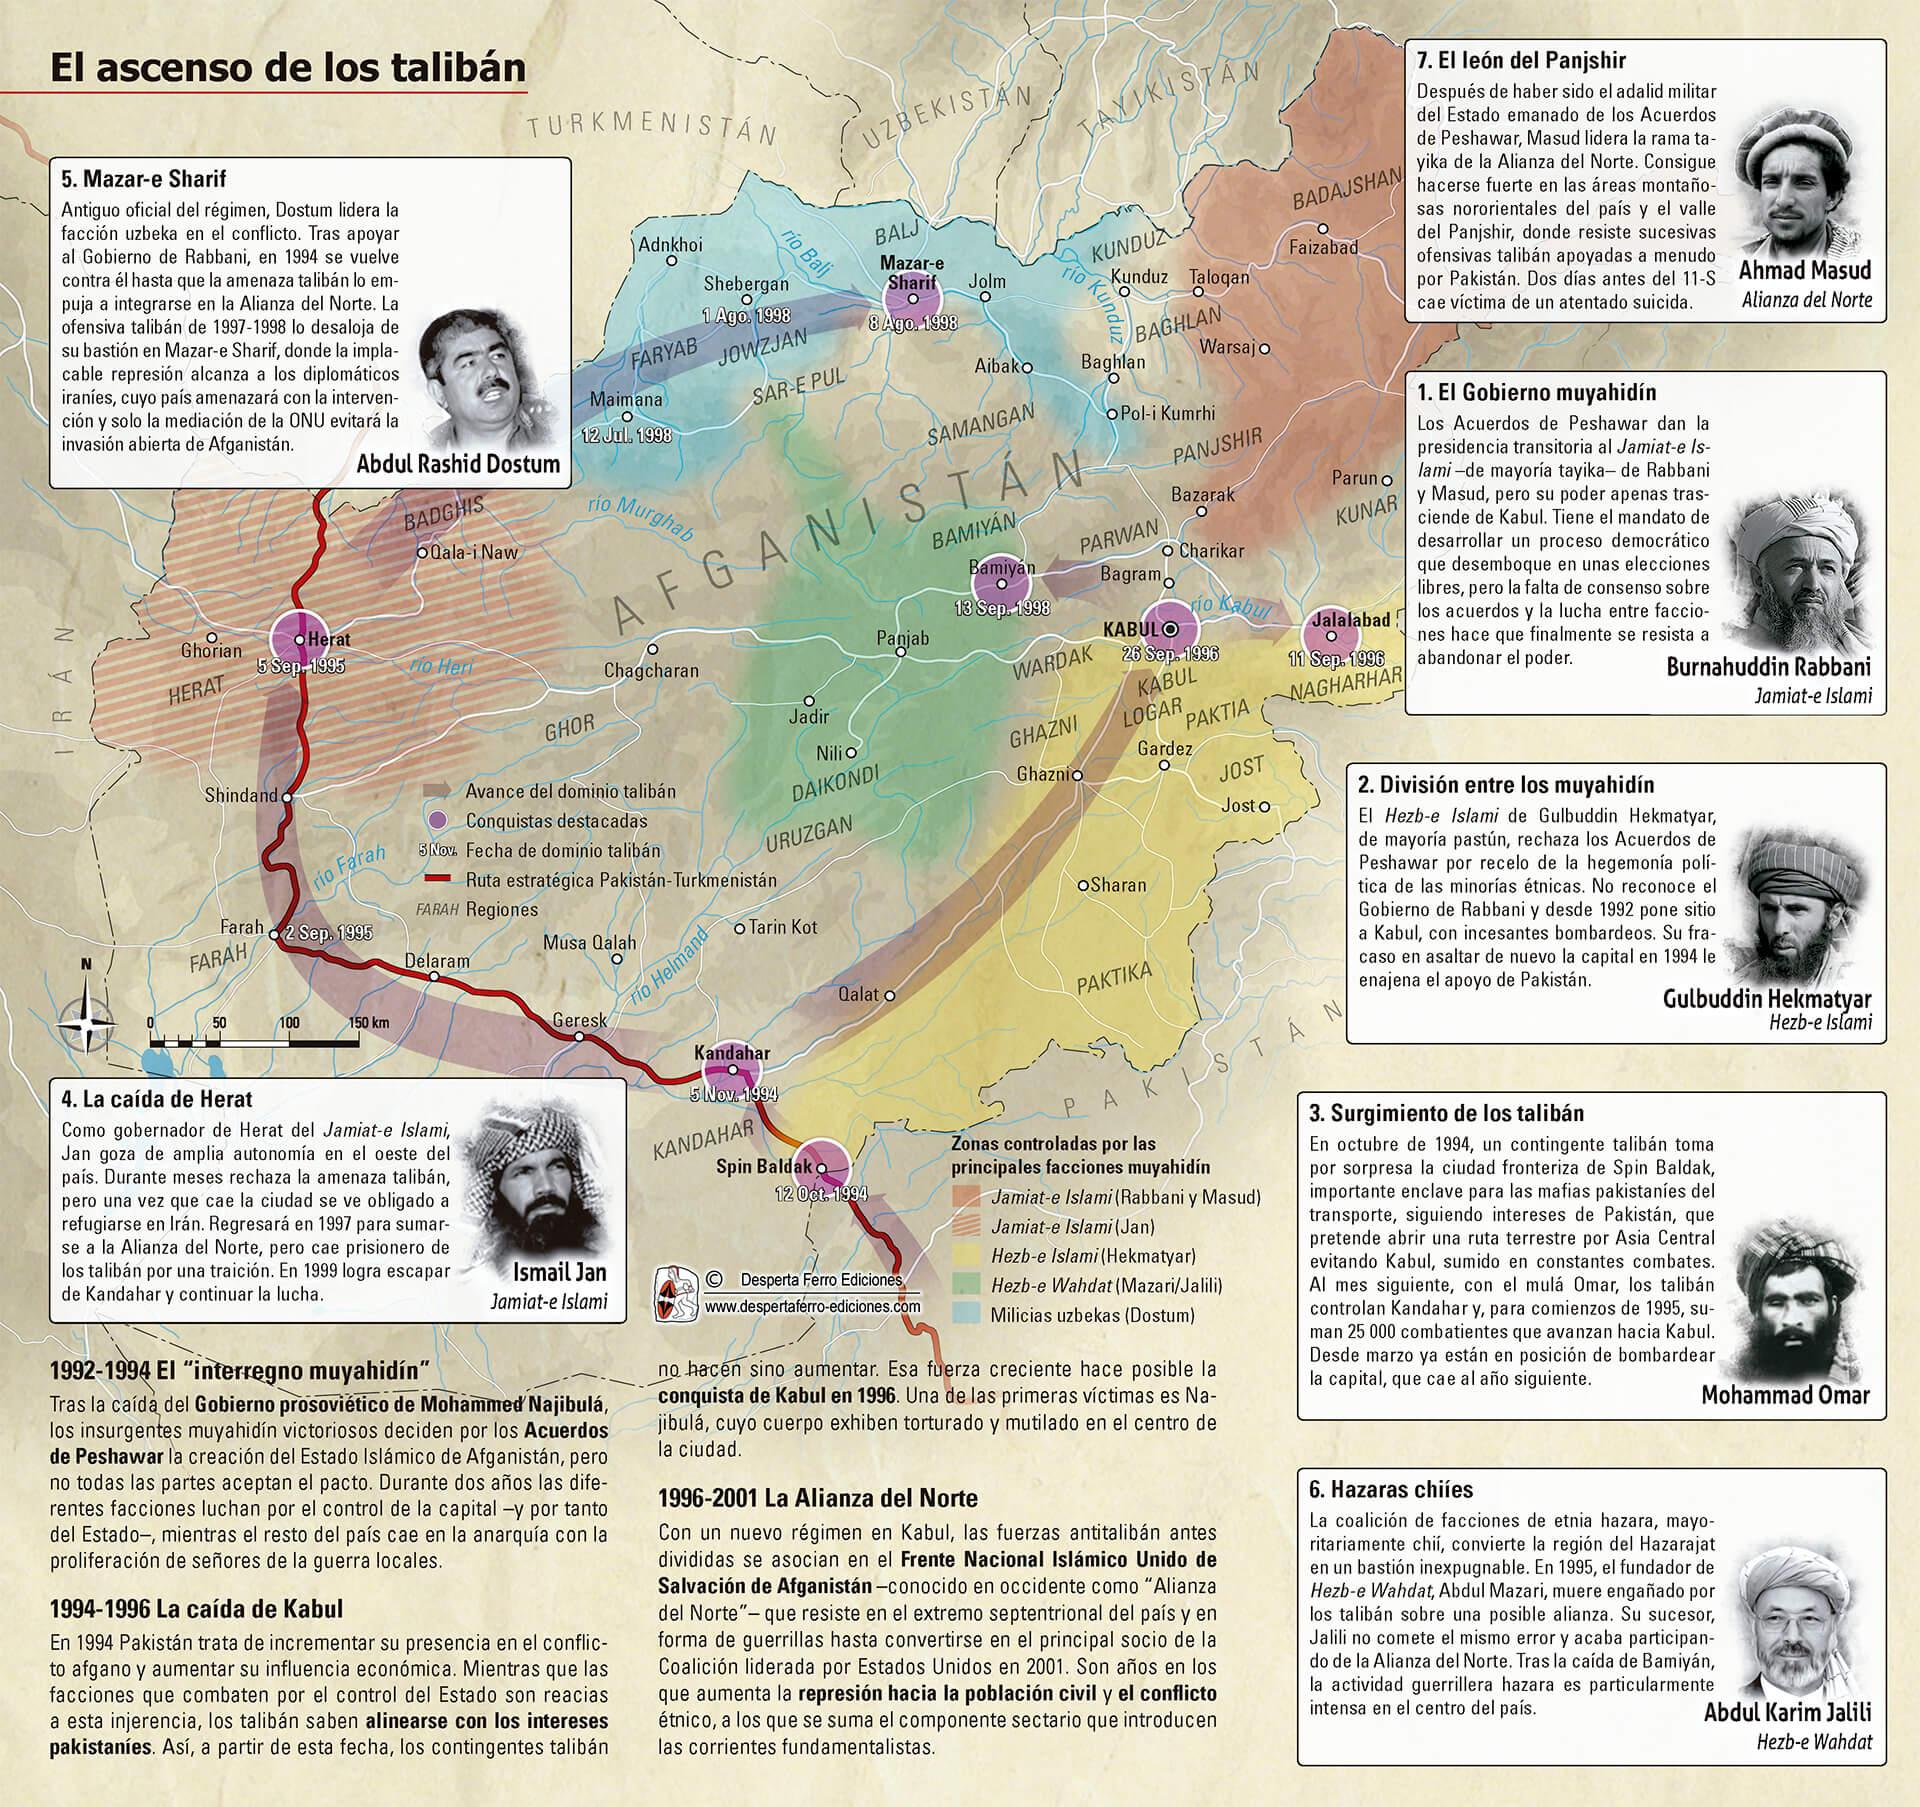 guerra civil afgana y el ascenso de los talibán